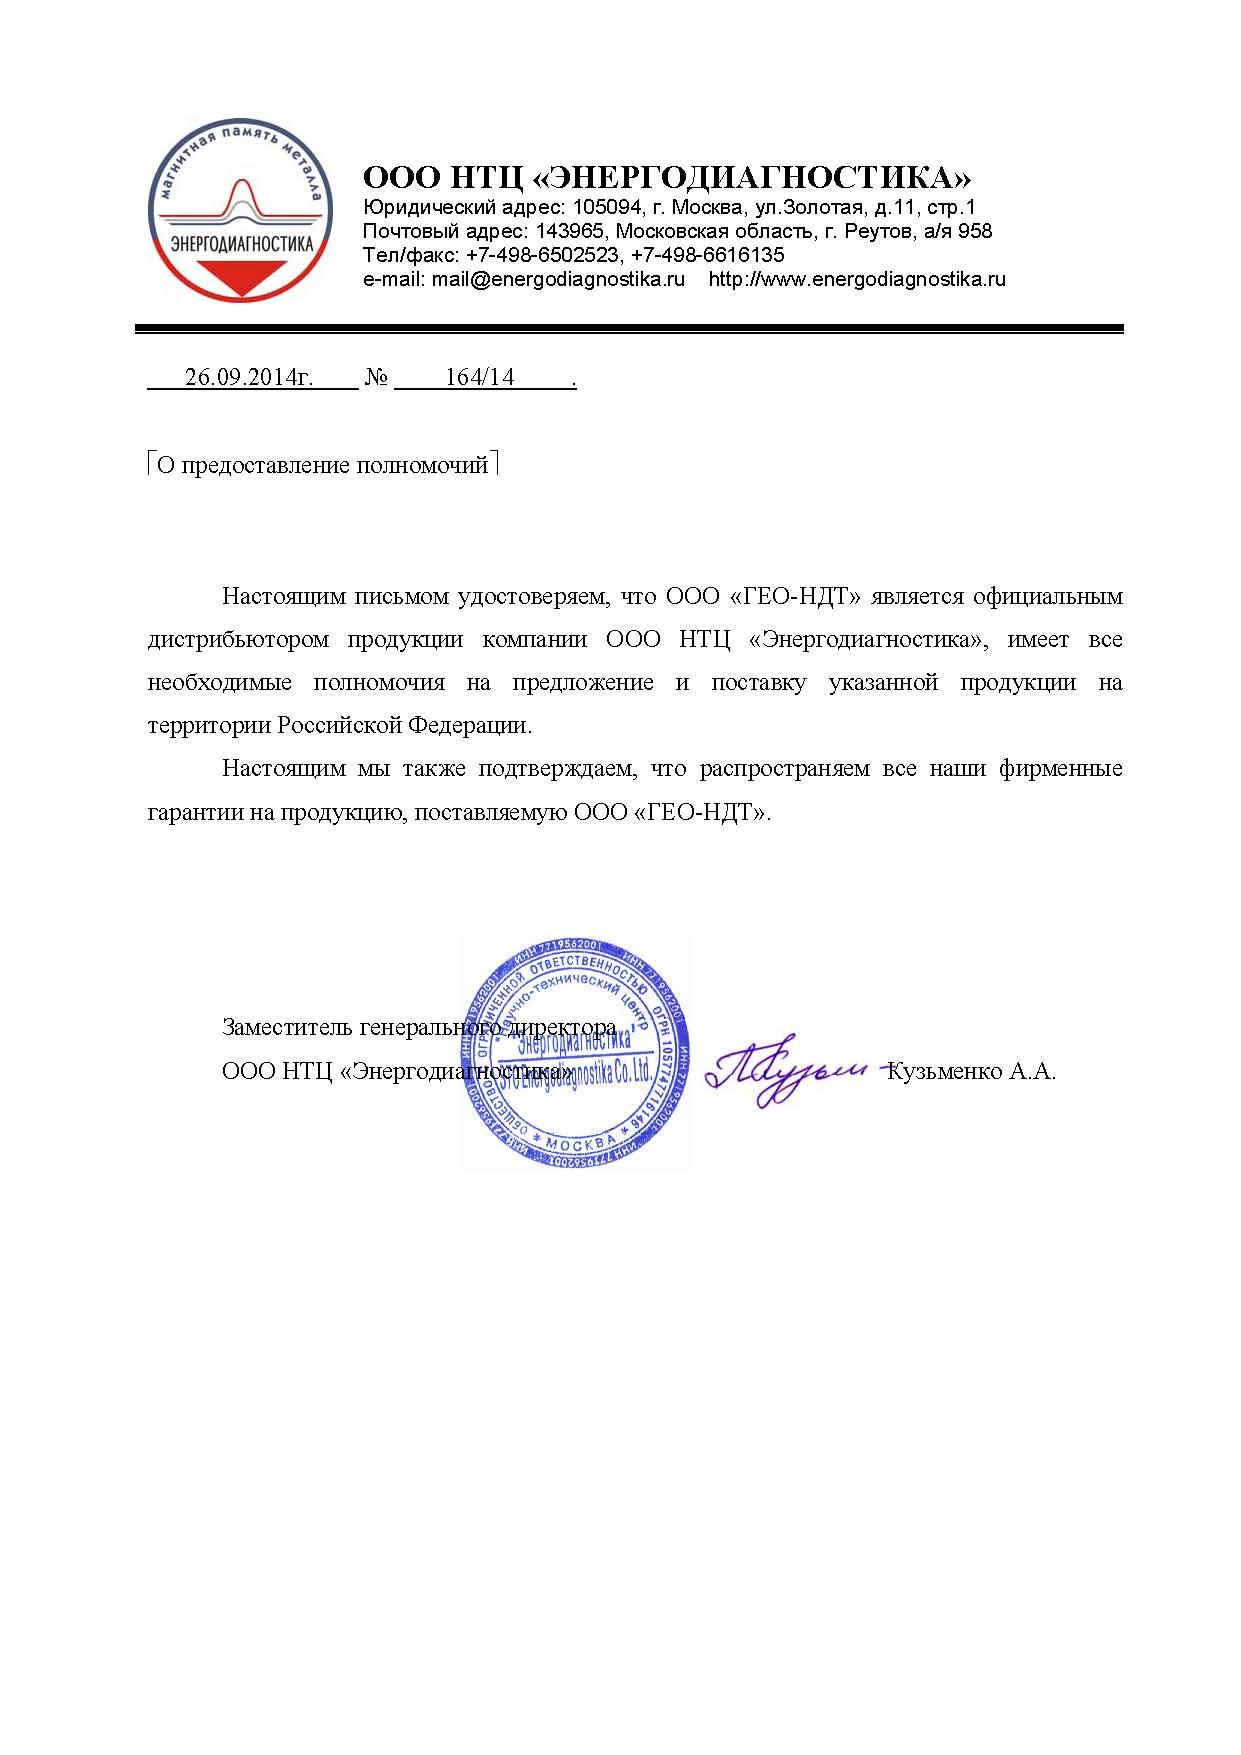 Образец письма о переводе контракта другому дистрибьютеру была приятной